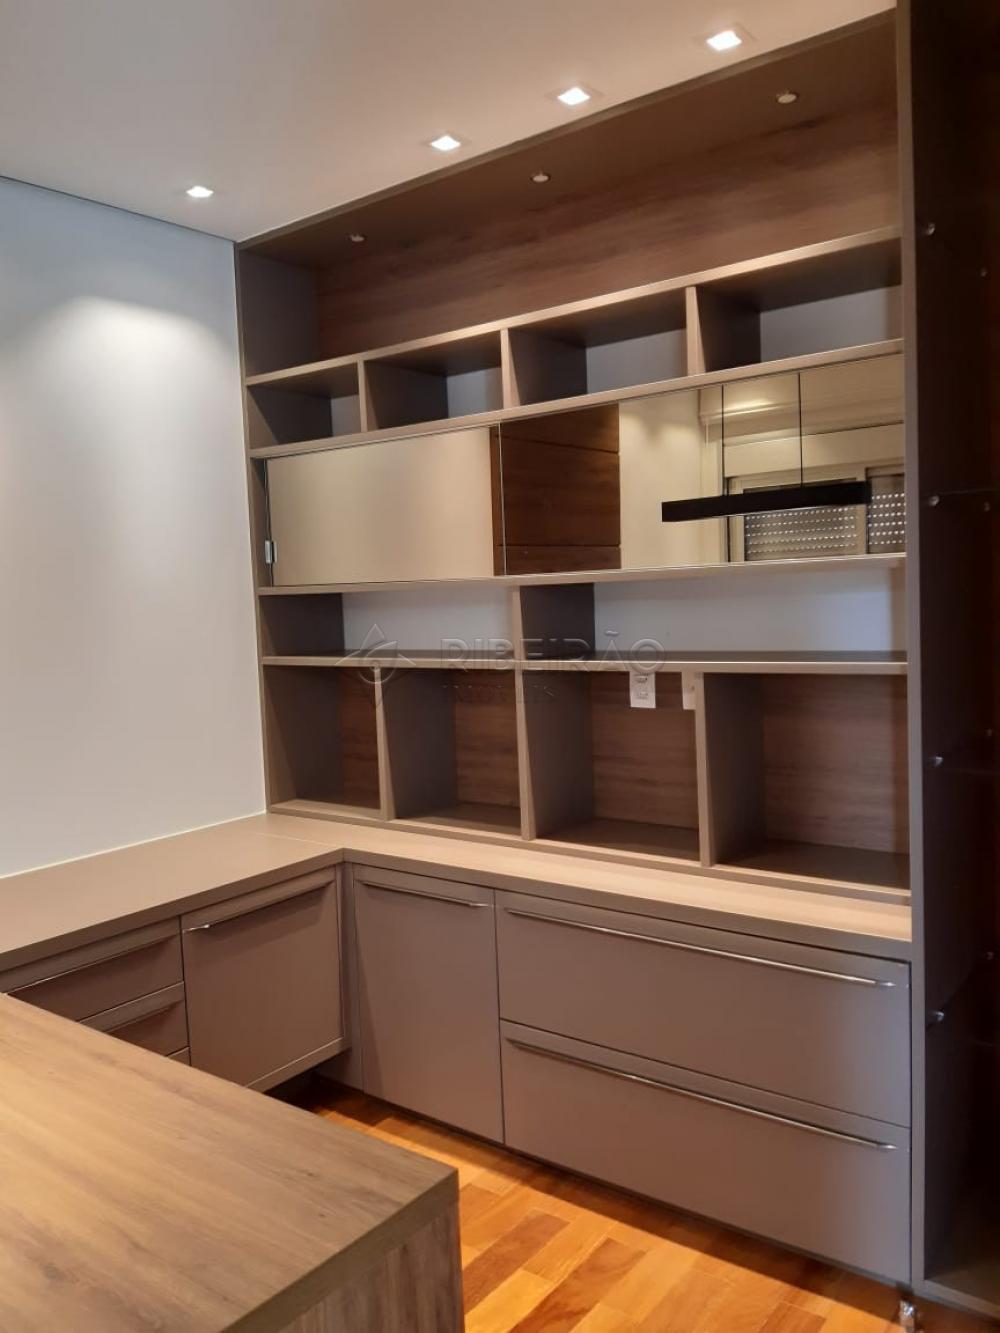 Comprar Apartamento / Cobertura em Ribeirão Preto R$ 1.900.000,00 - Foto 15